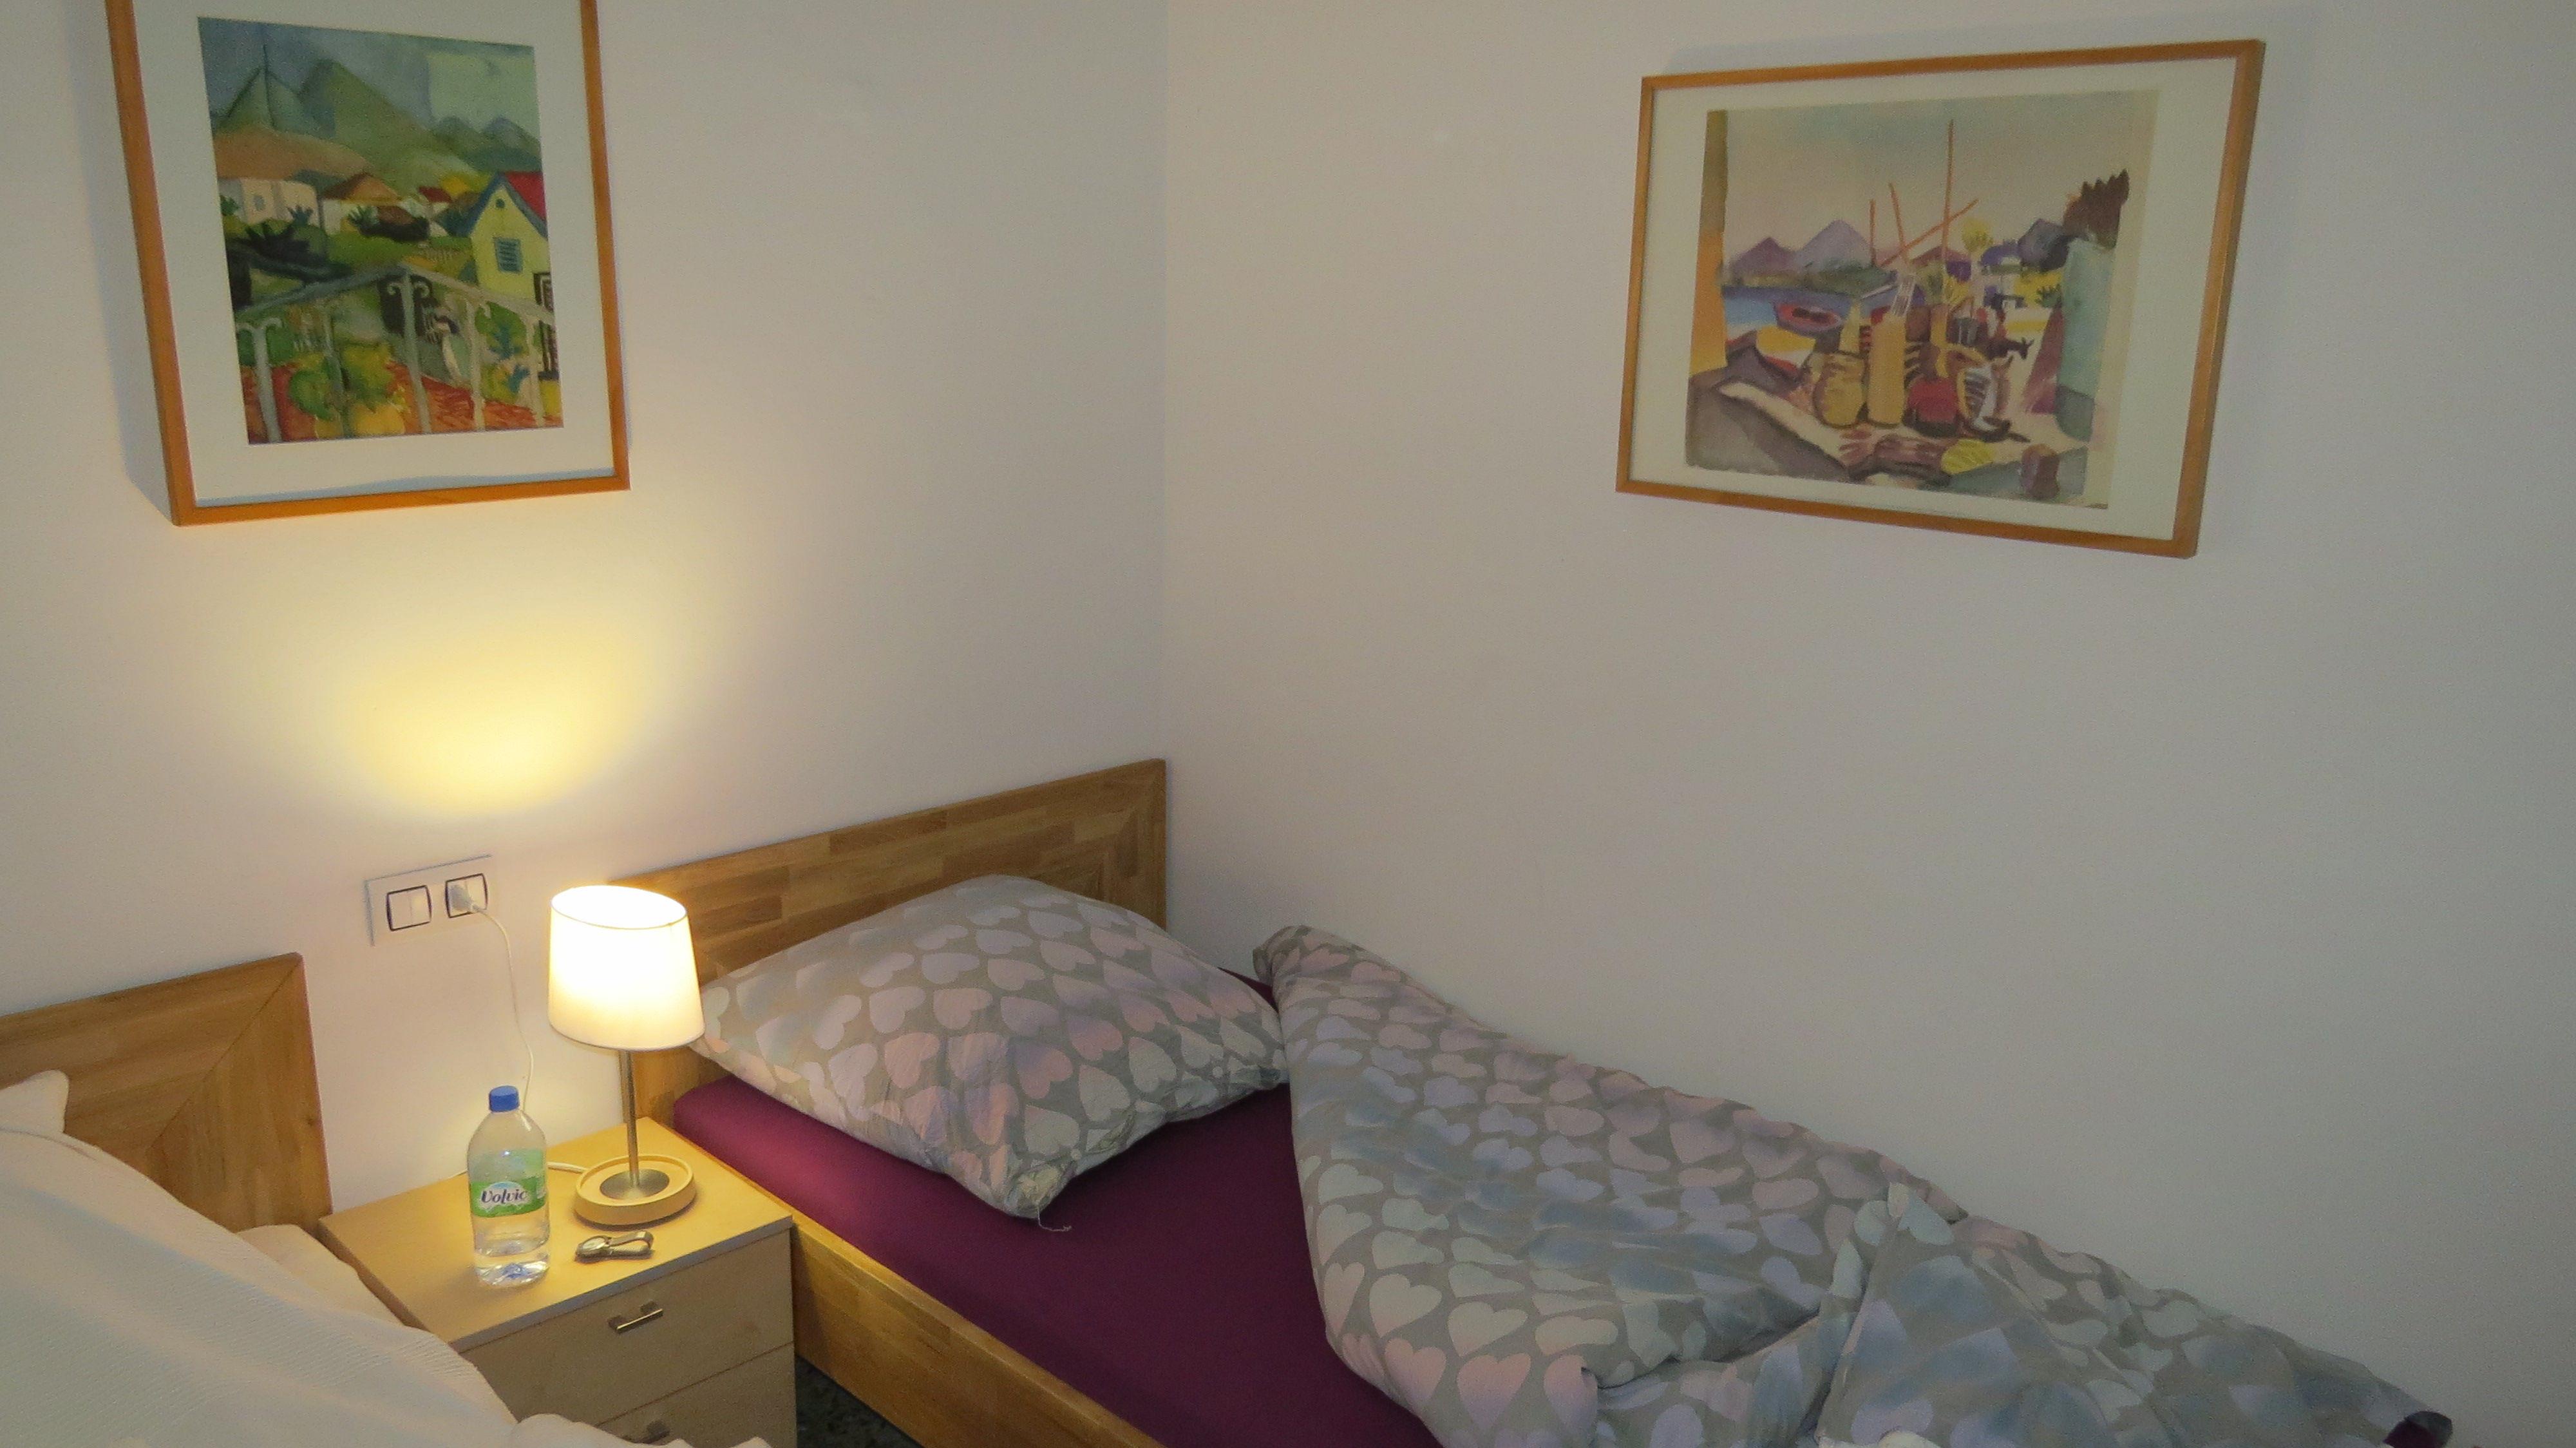 Casaluisa galerie - Galerie schlafzimmer ...